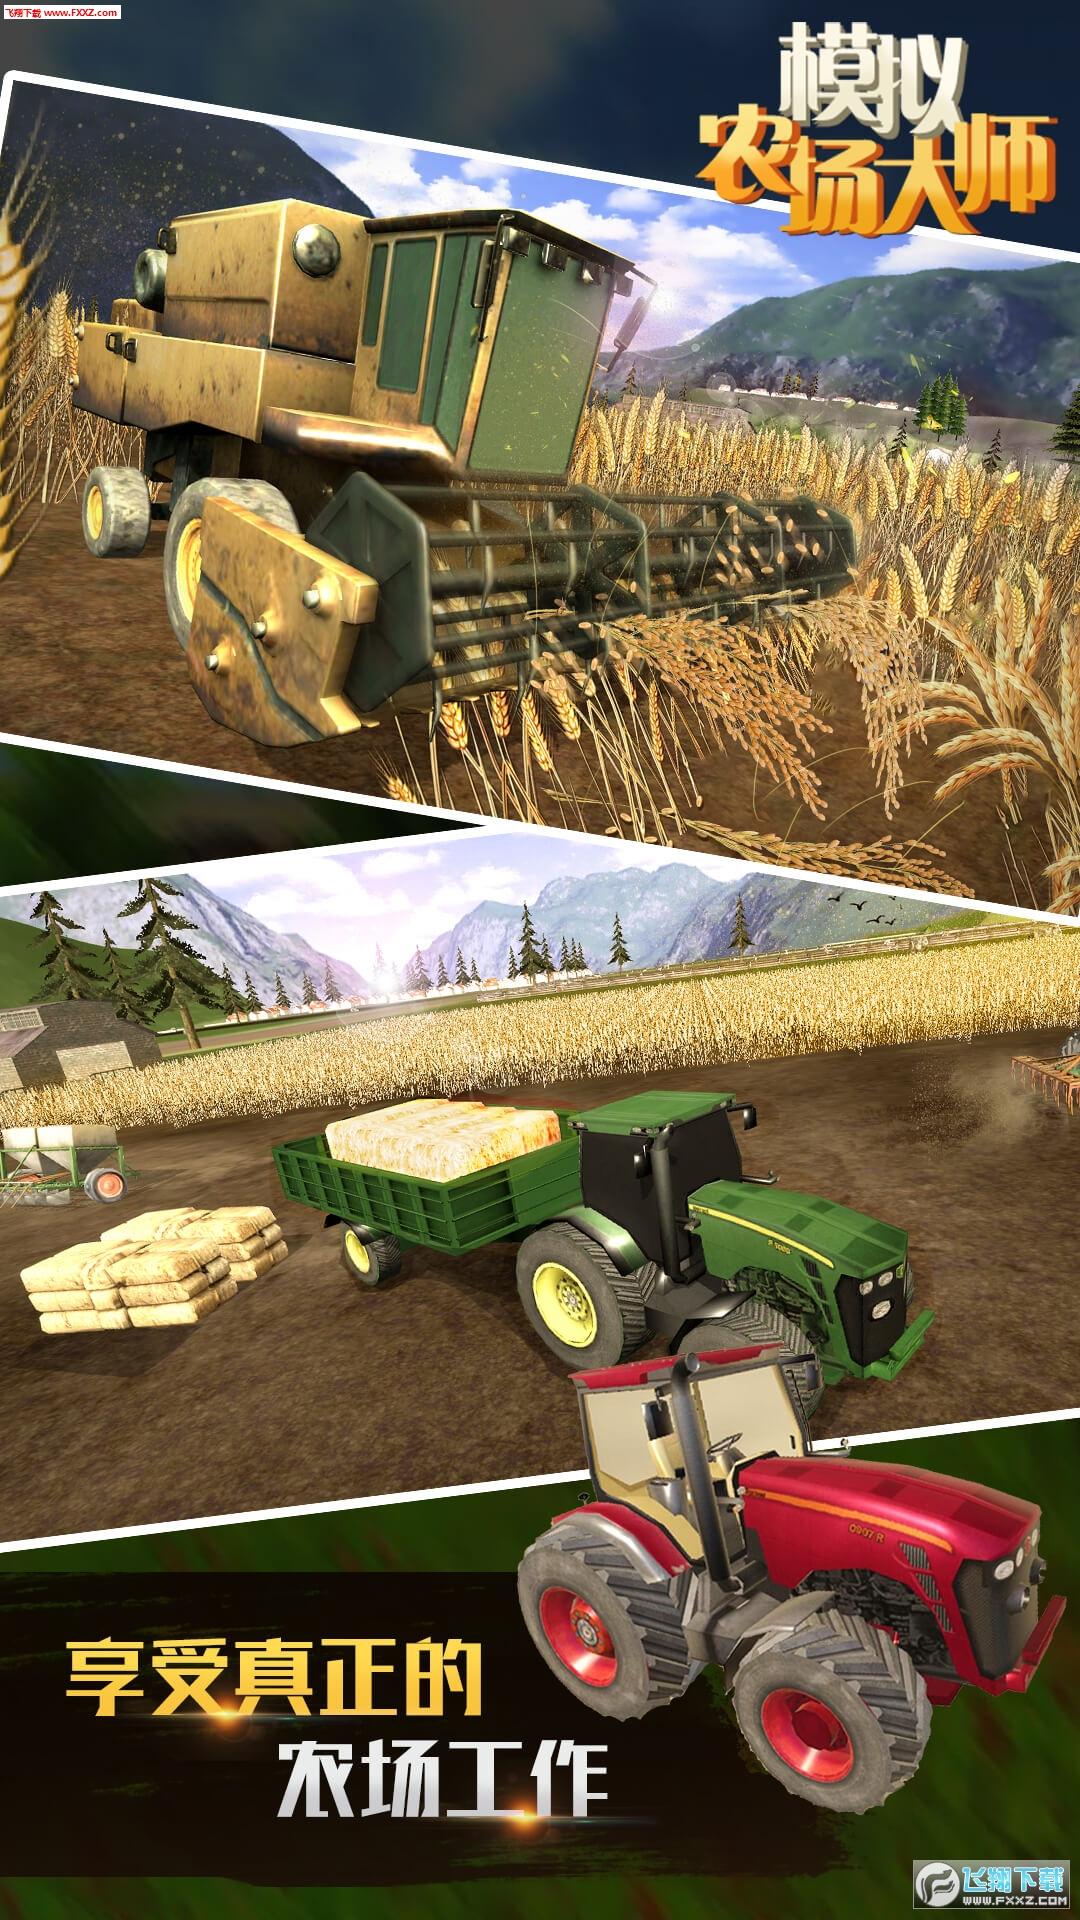 模拟农场大师游戏下载 模拟农场大师安卓版v1.0.0.0114下载 飞翔下载